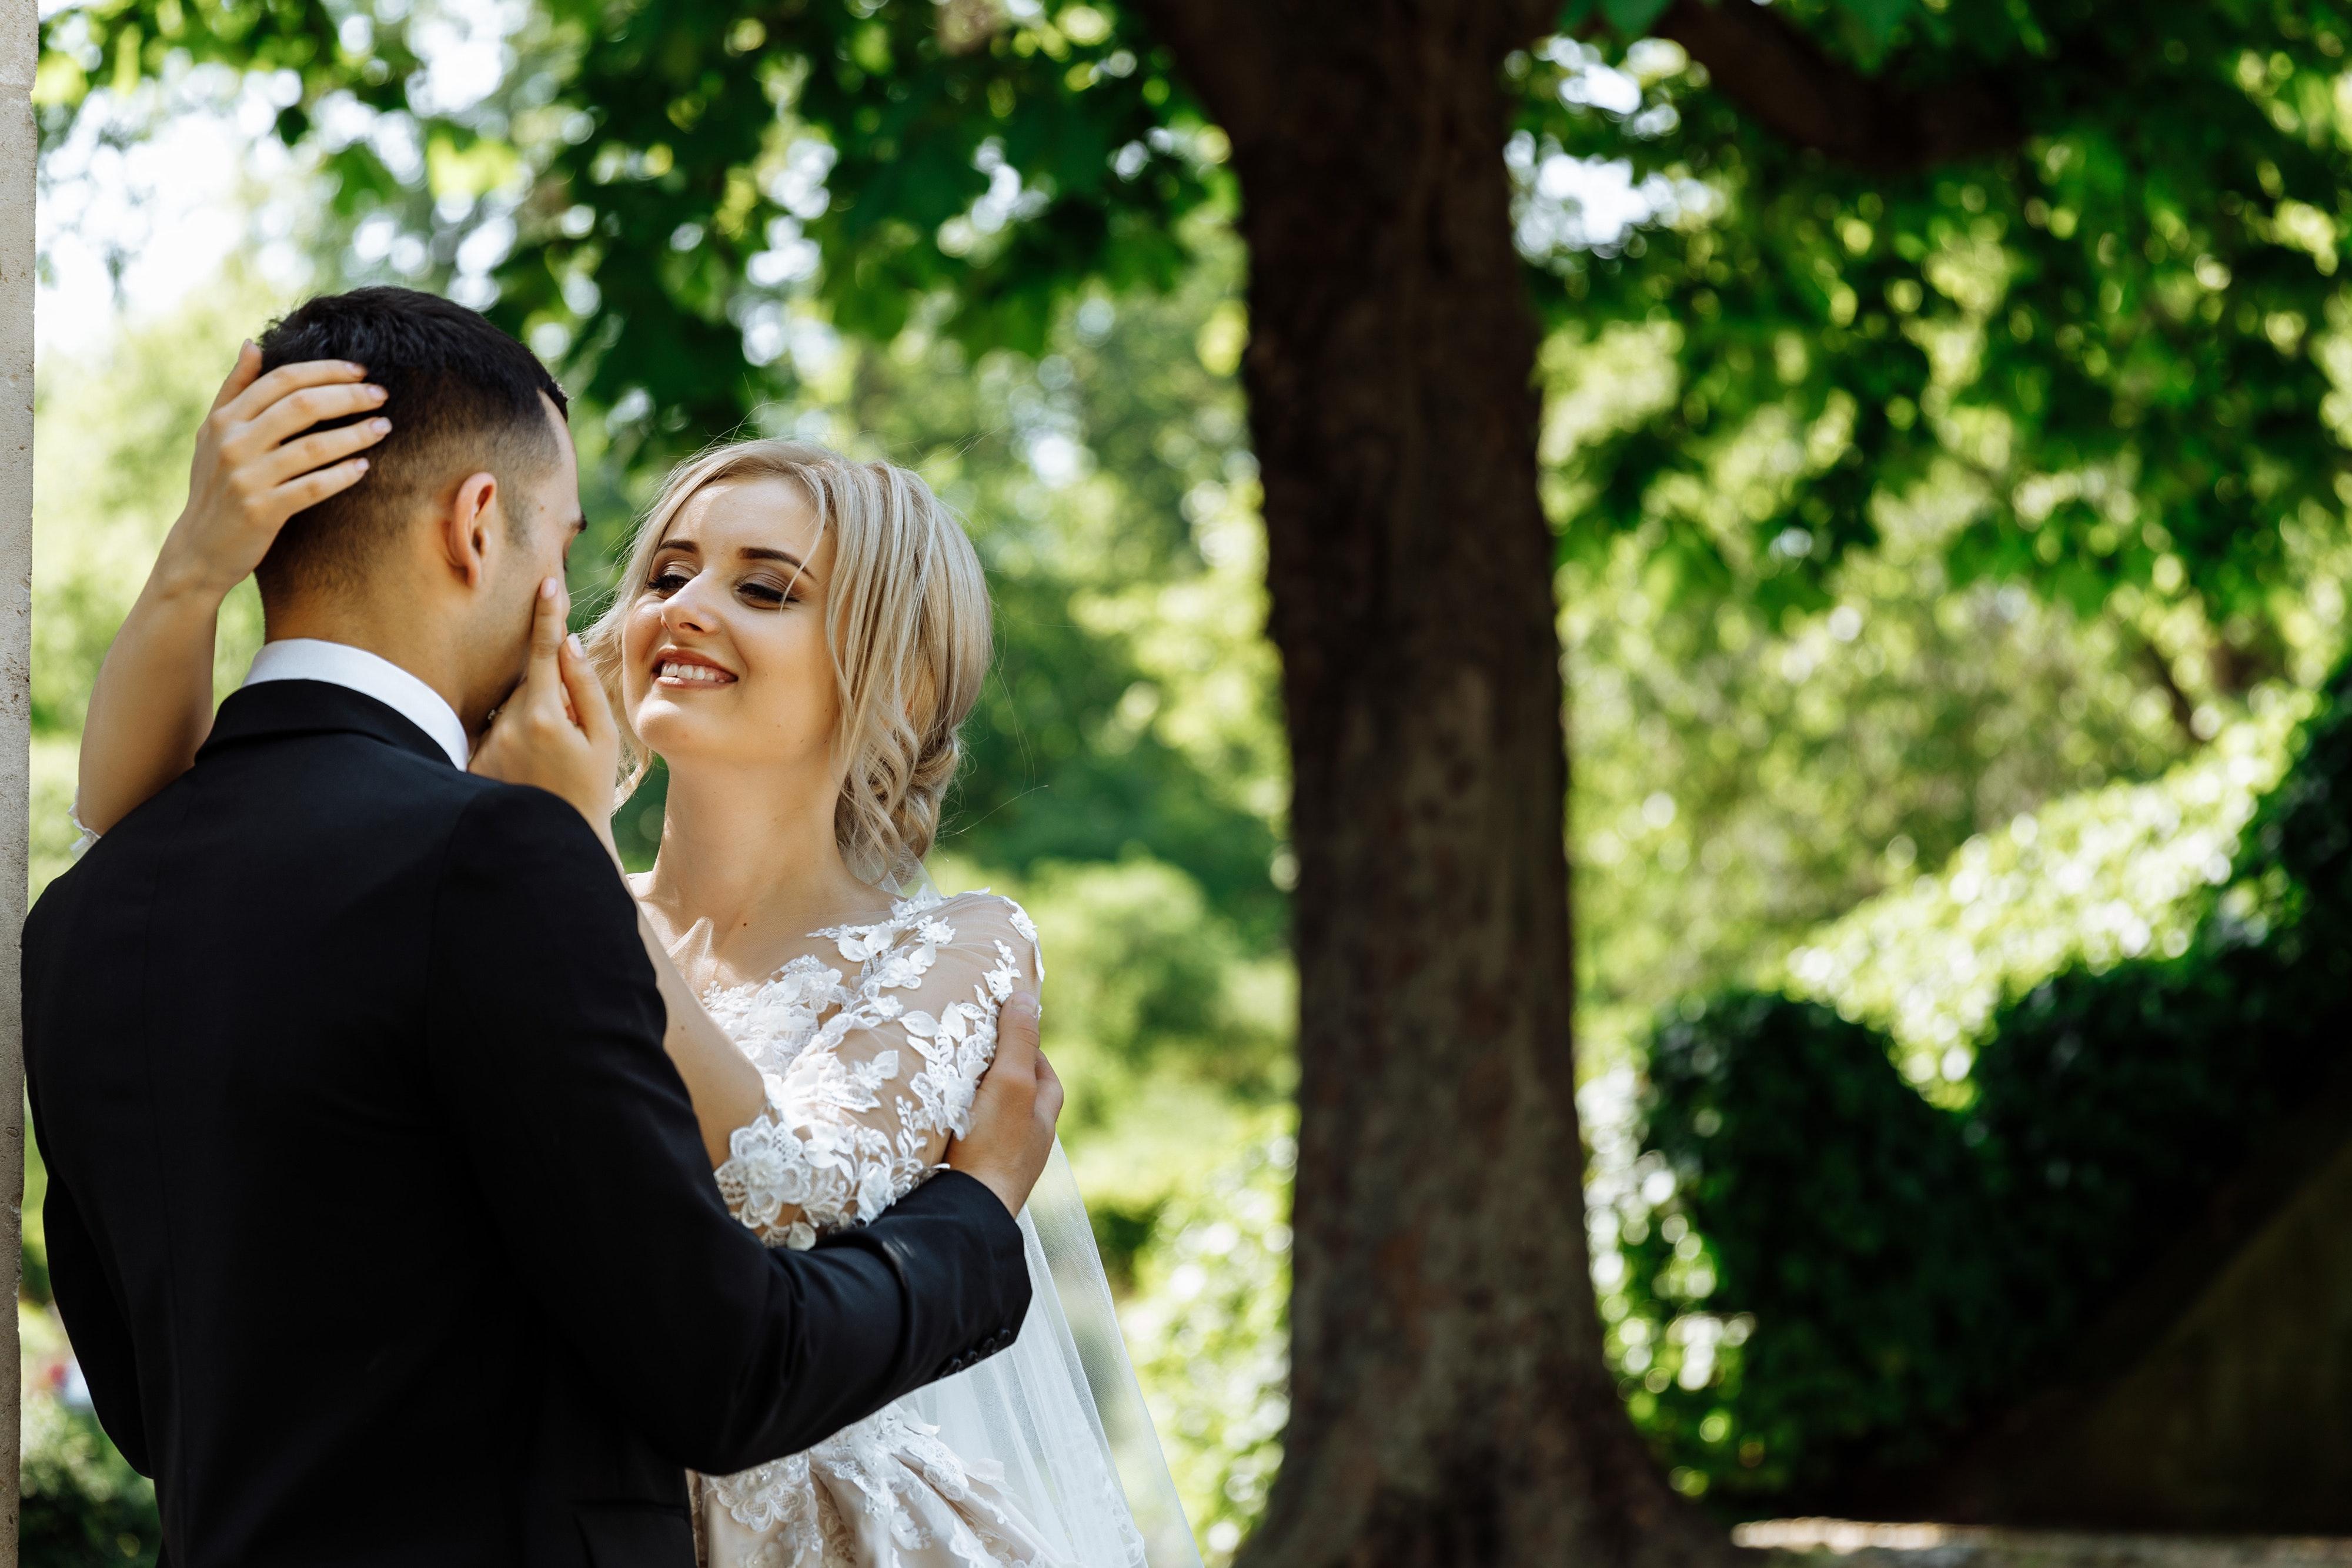 Przyjęcie weselne Piotrków Trybunalski – wyjątkowe miejsce na wesele w plenerze